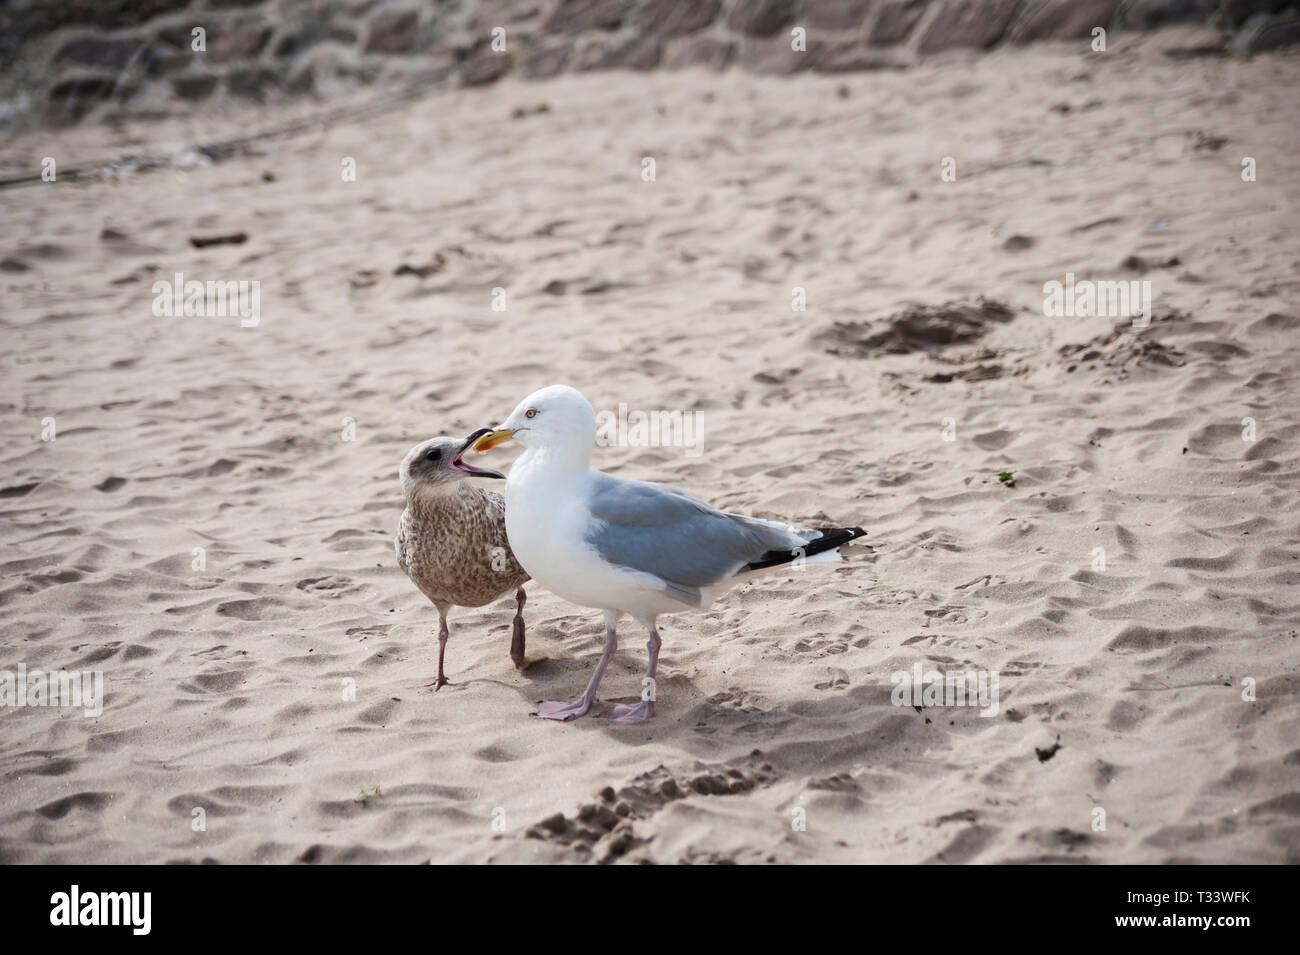 Juvenile herring gull  pestering mother on Stonehaven beach. - Stock Image